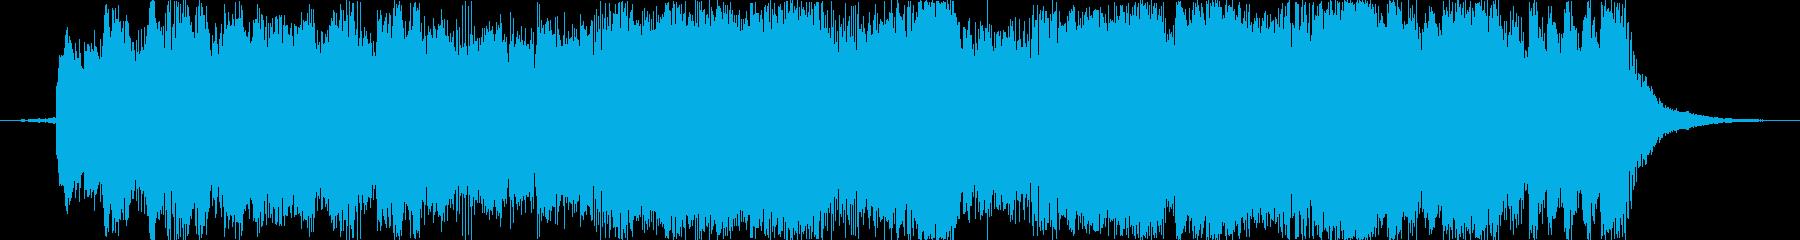 オーケストラとピアノの15秒ジングルの再生済みの波形